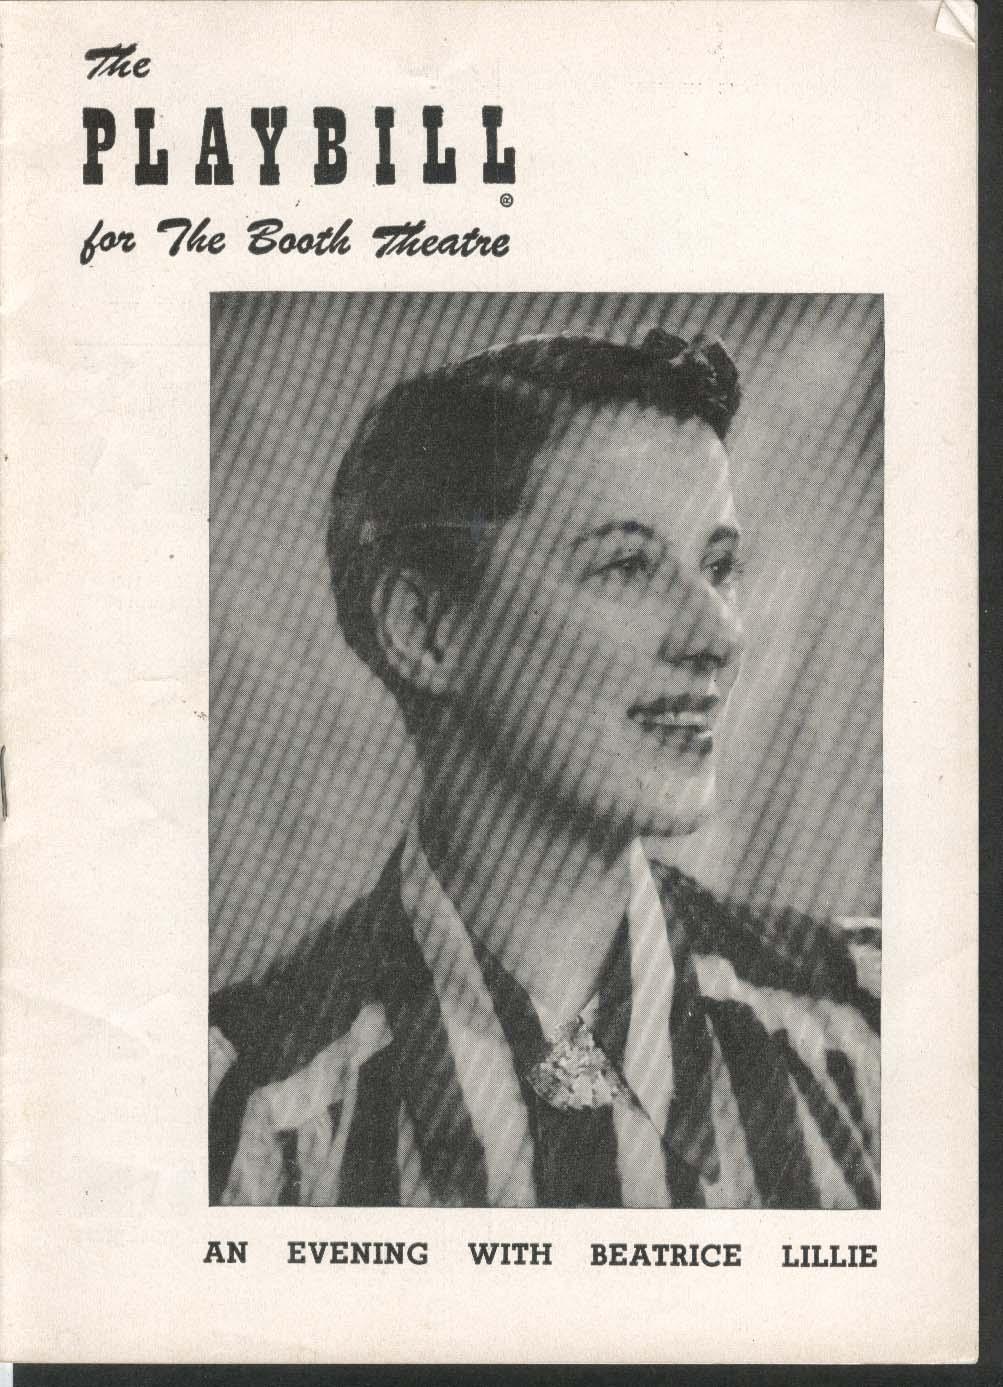 An Evening With Beatrice Lillie Playbill 3/16/53 Reginald Gardiner